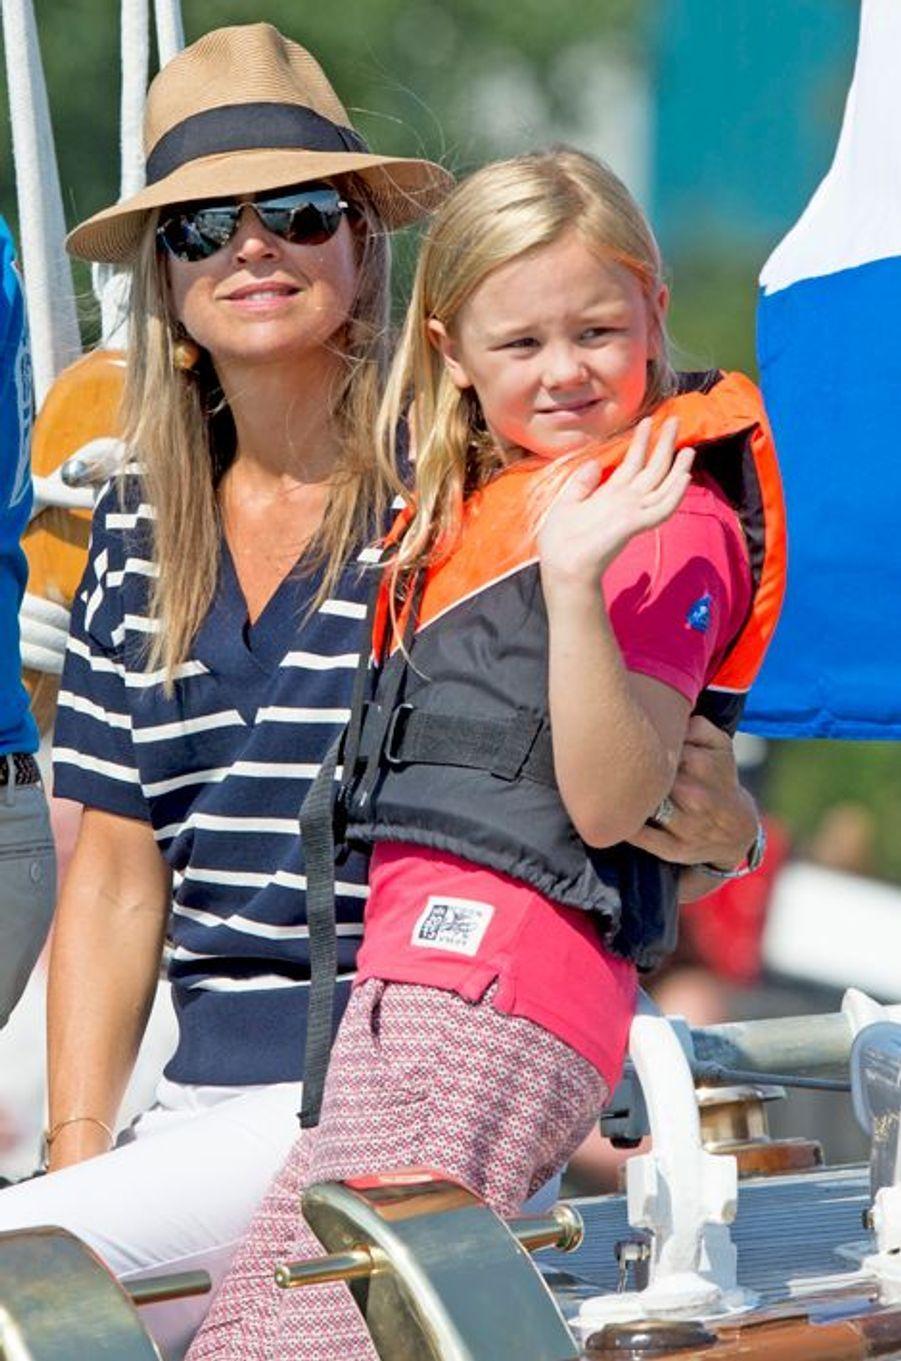 La princesse Ariane des Pays-Bas avec sa mère Maxima, le 22 août 2015